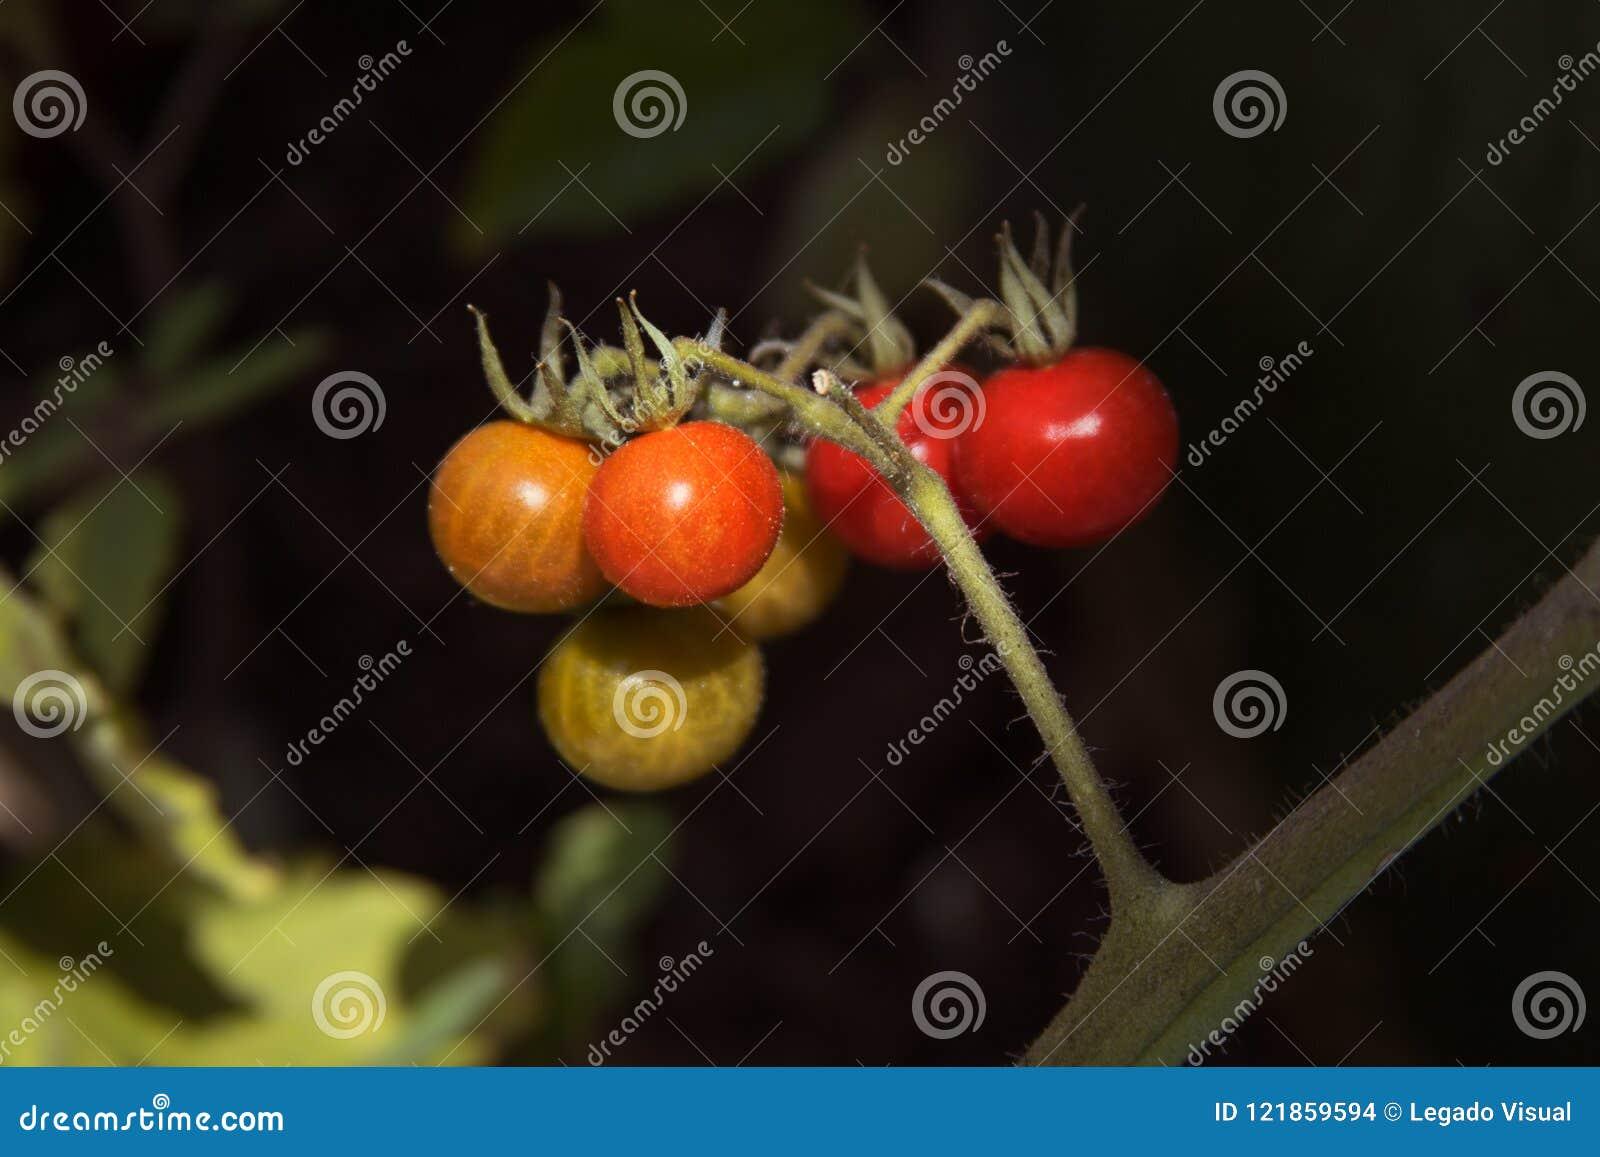 Wilde tomaten in natuurlijk milieu